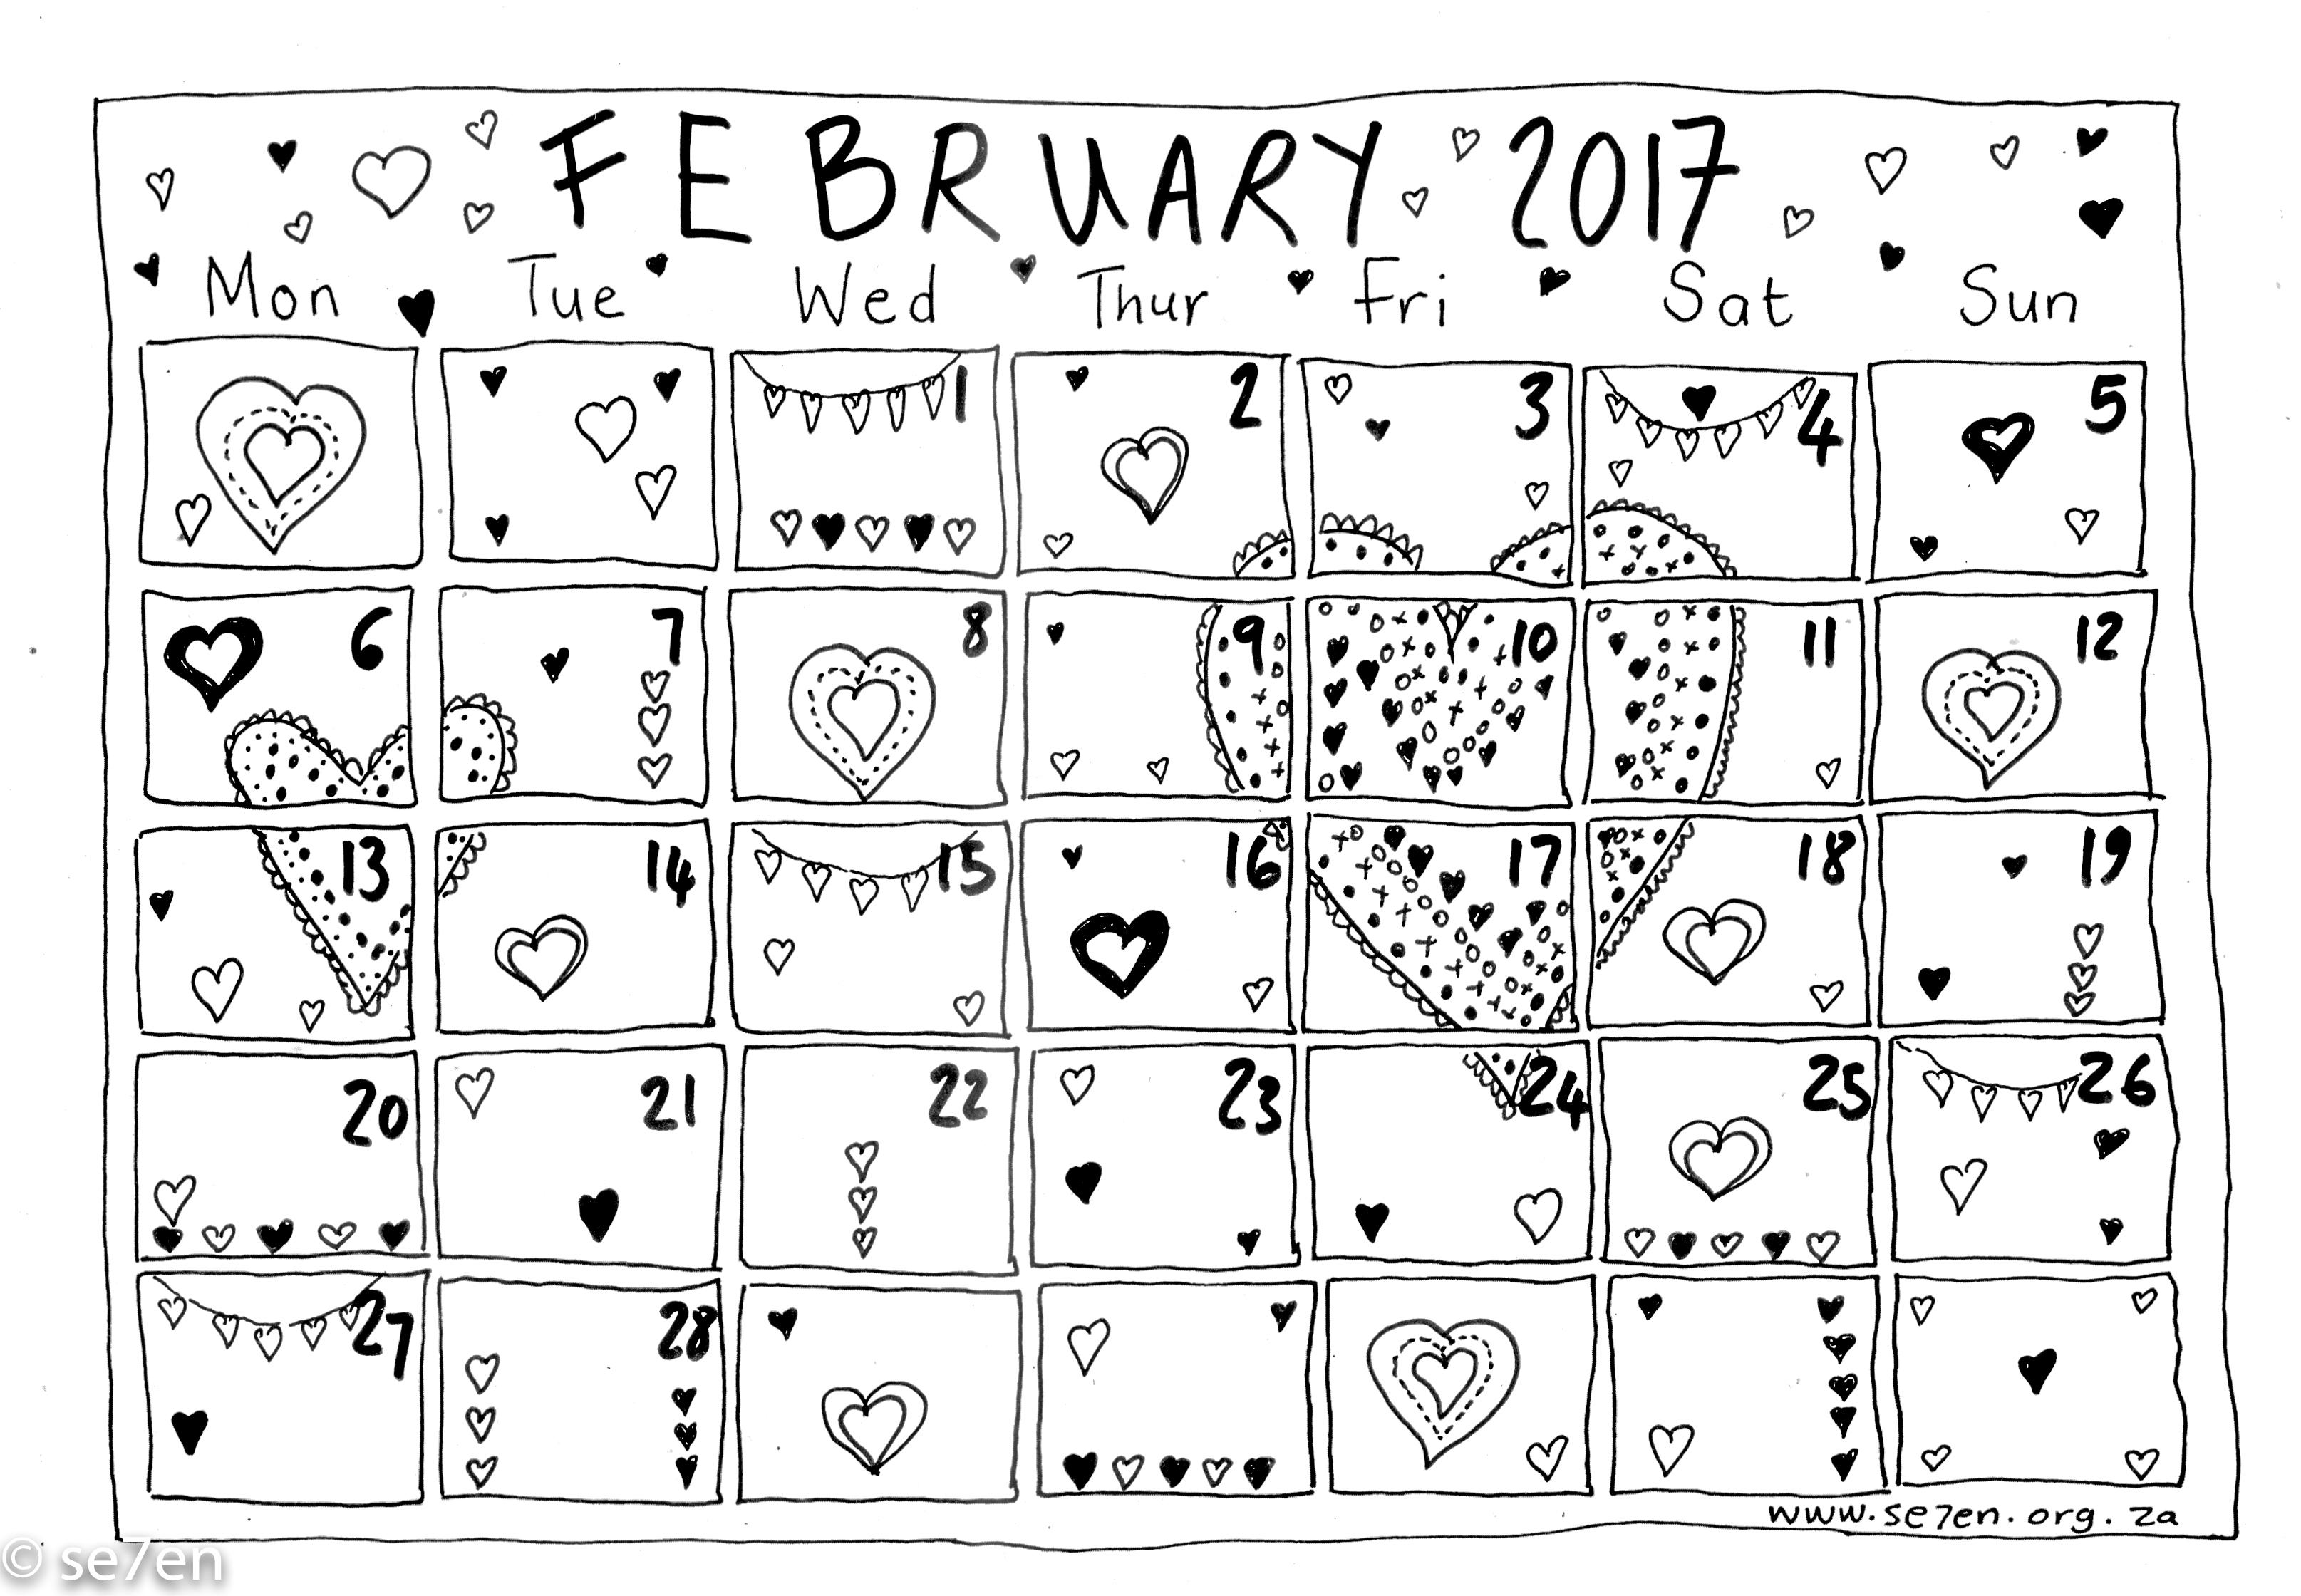 se7en-01-Feb-17-February 2017001-1